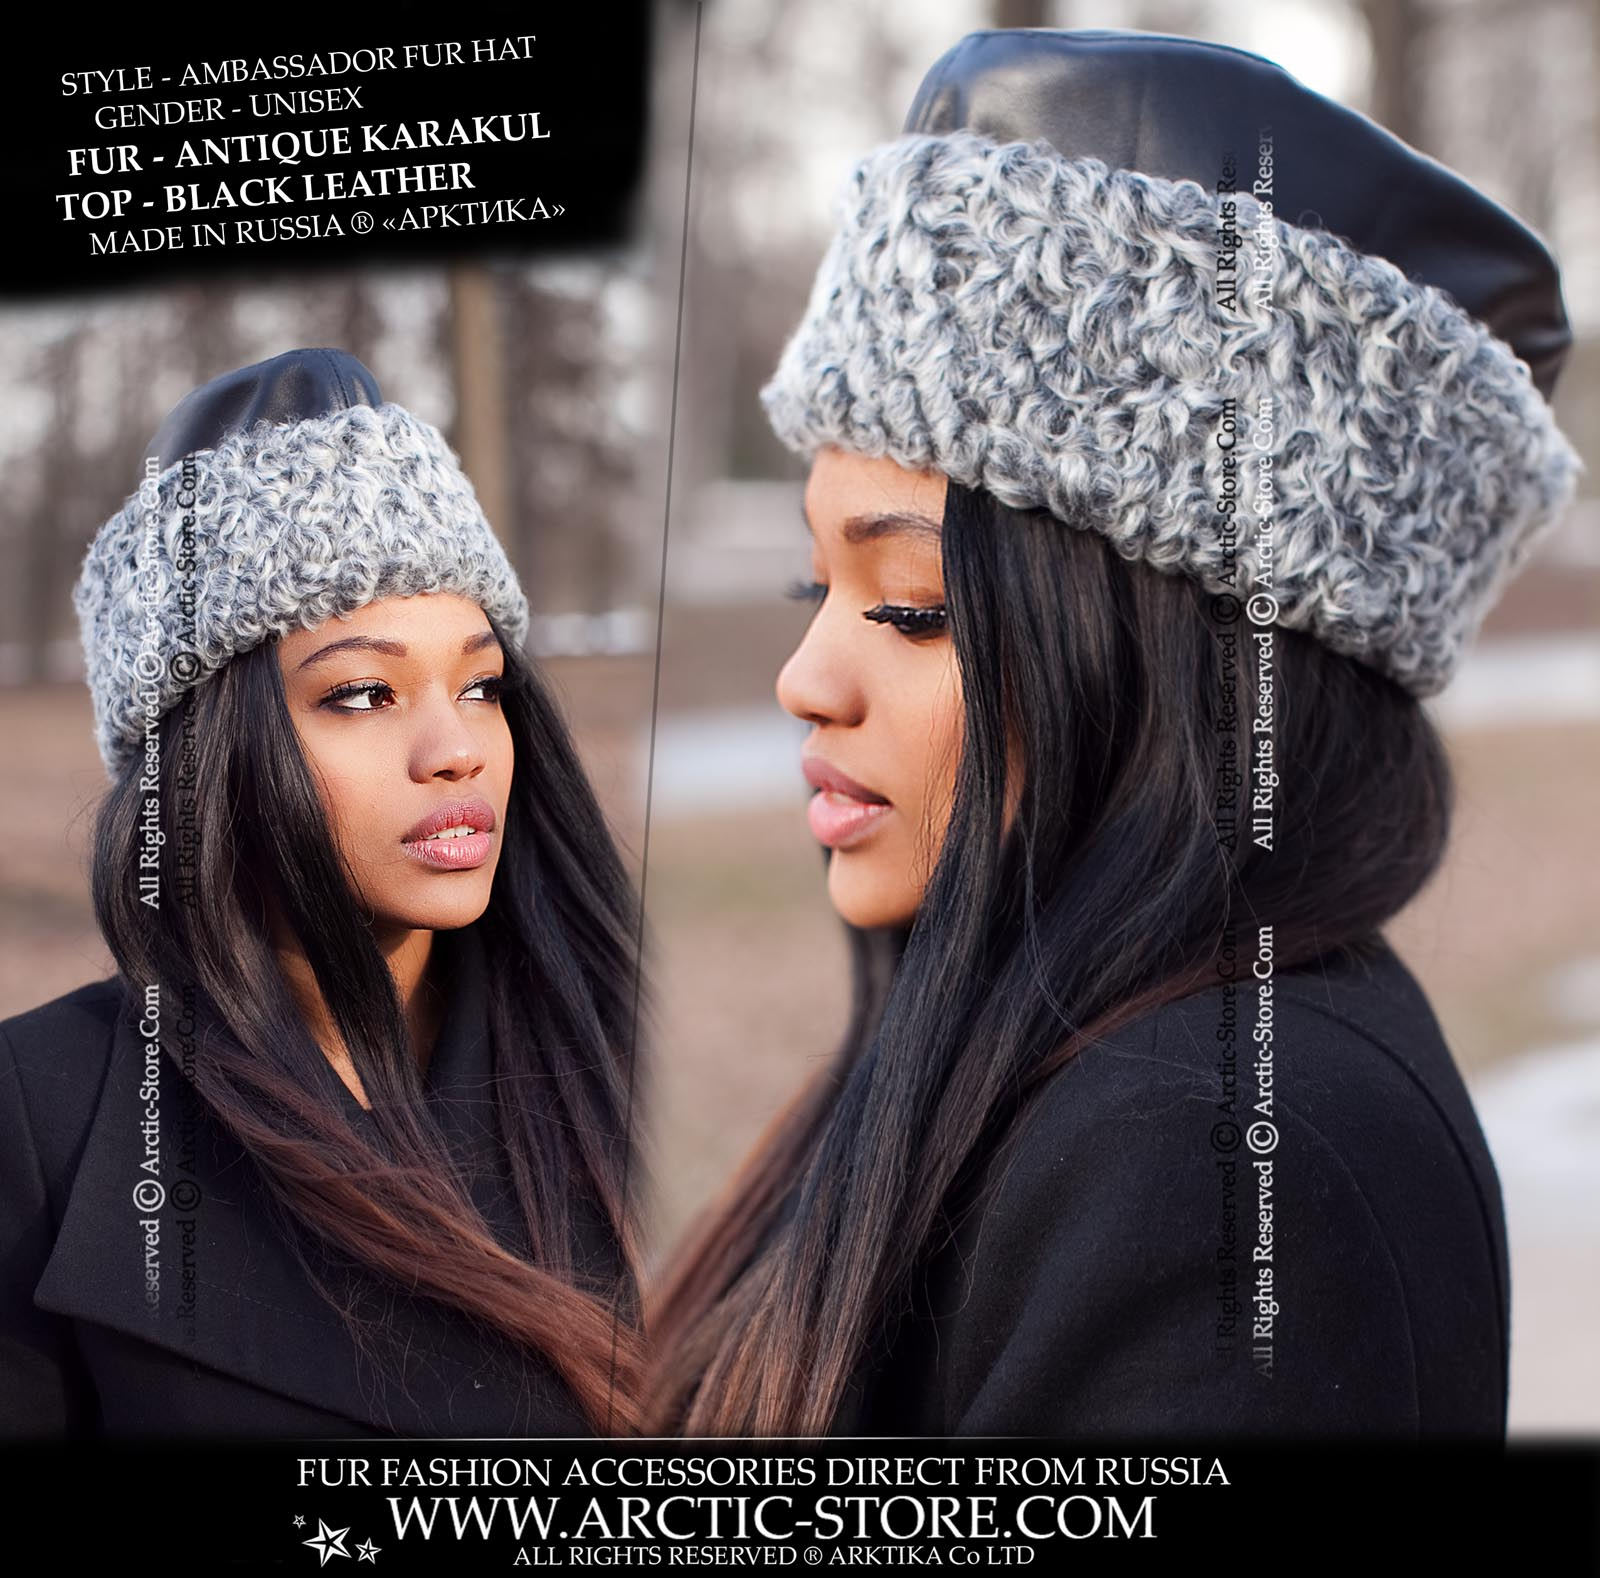 Ambassador fur hat - Karakul Astrakhan cap - arctic-store ffbf5c54b65